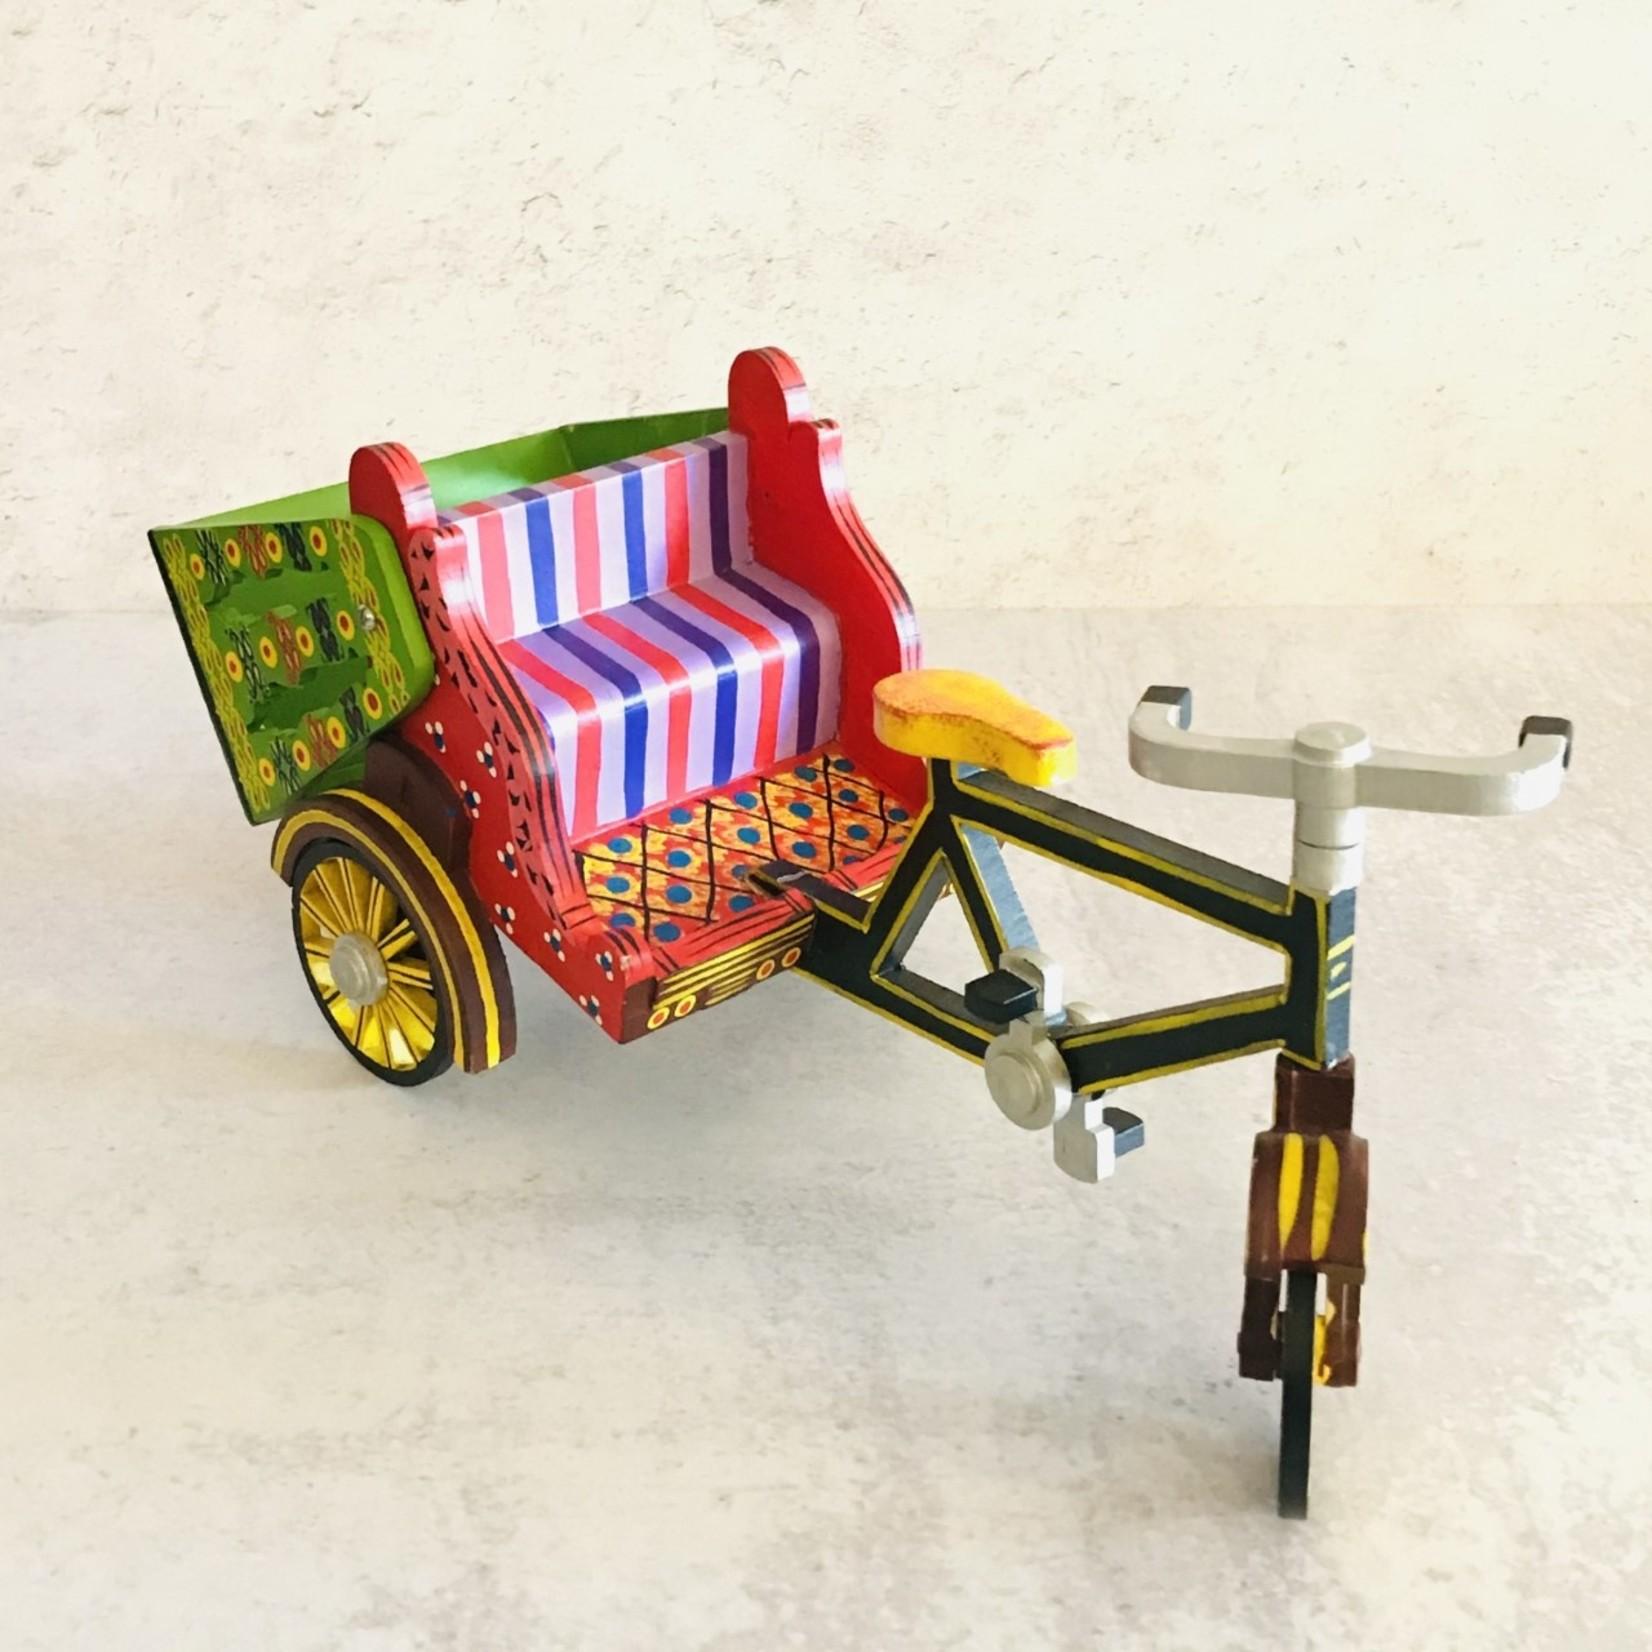 Market Wooden Toy Bicycle Rickshaw